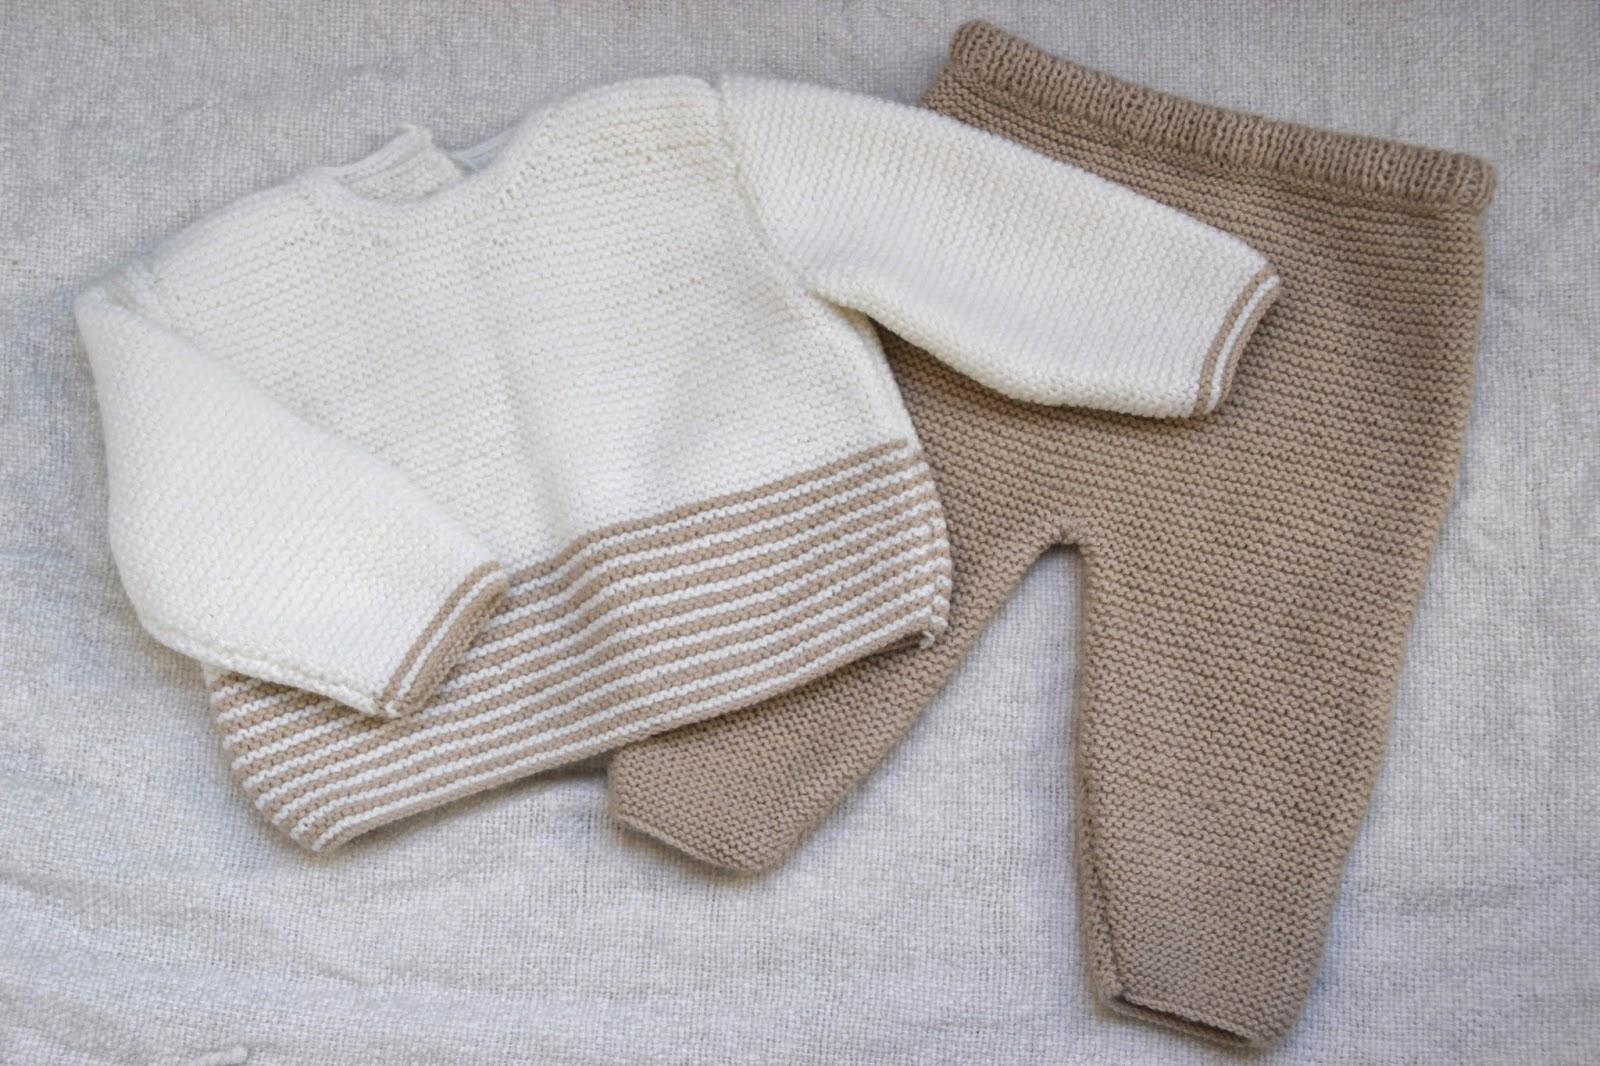 Maquina de coser buscar: Ropa de bebe de lana